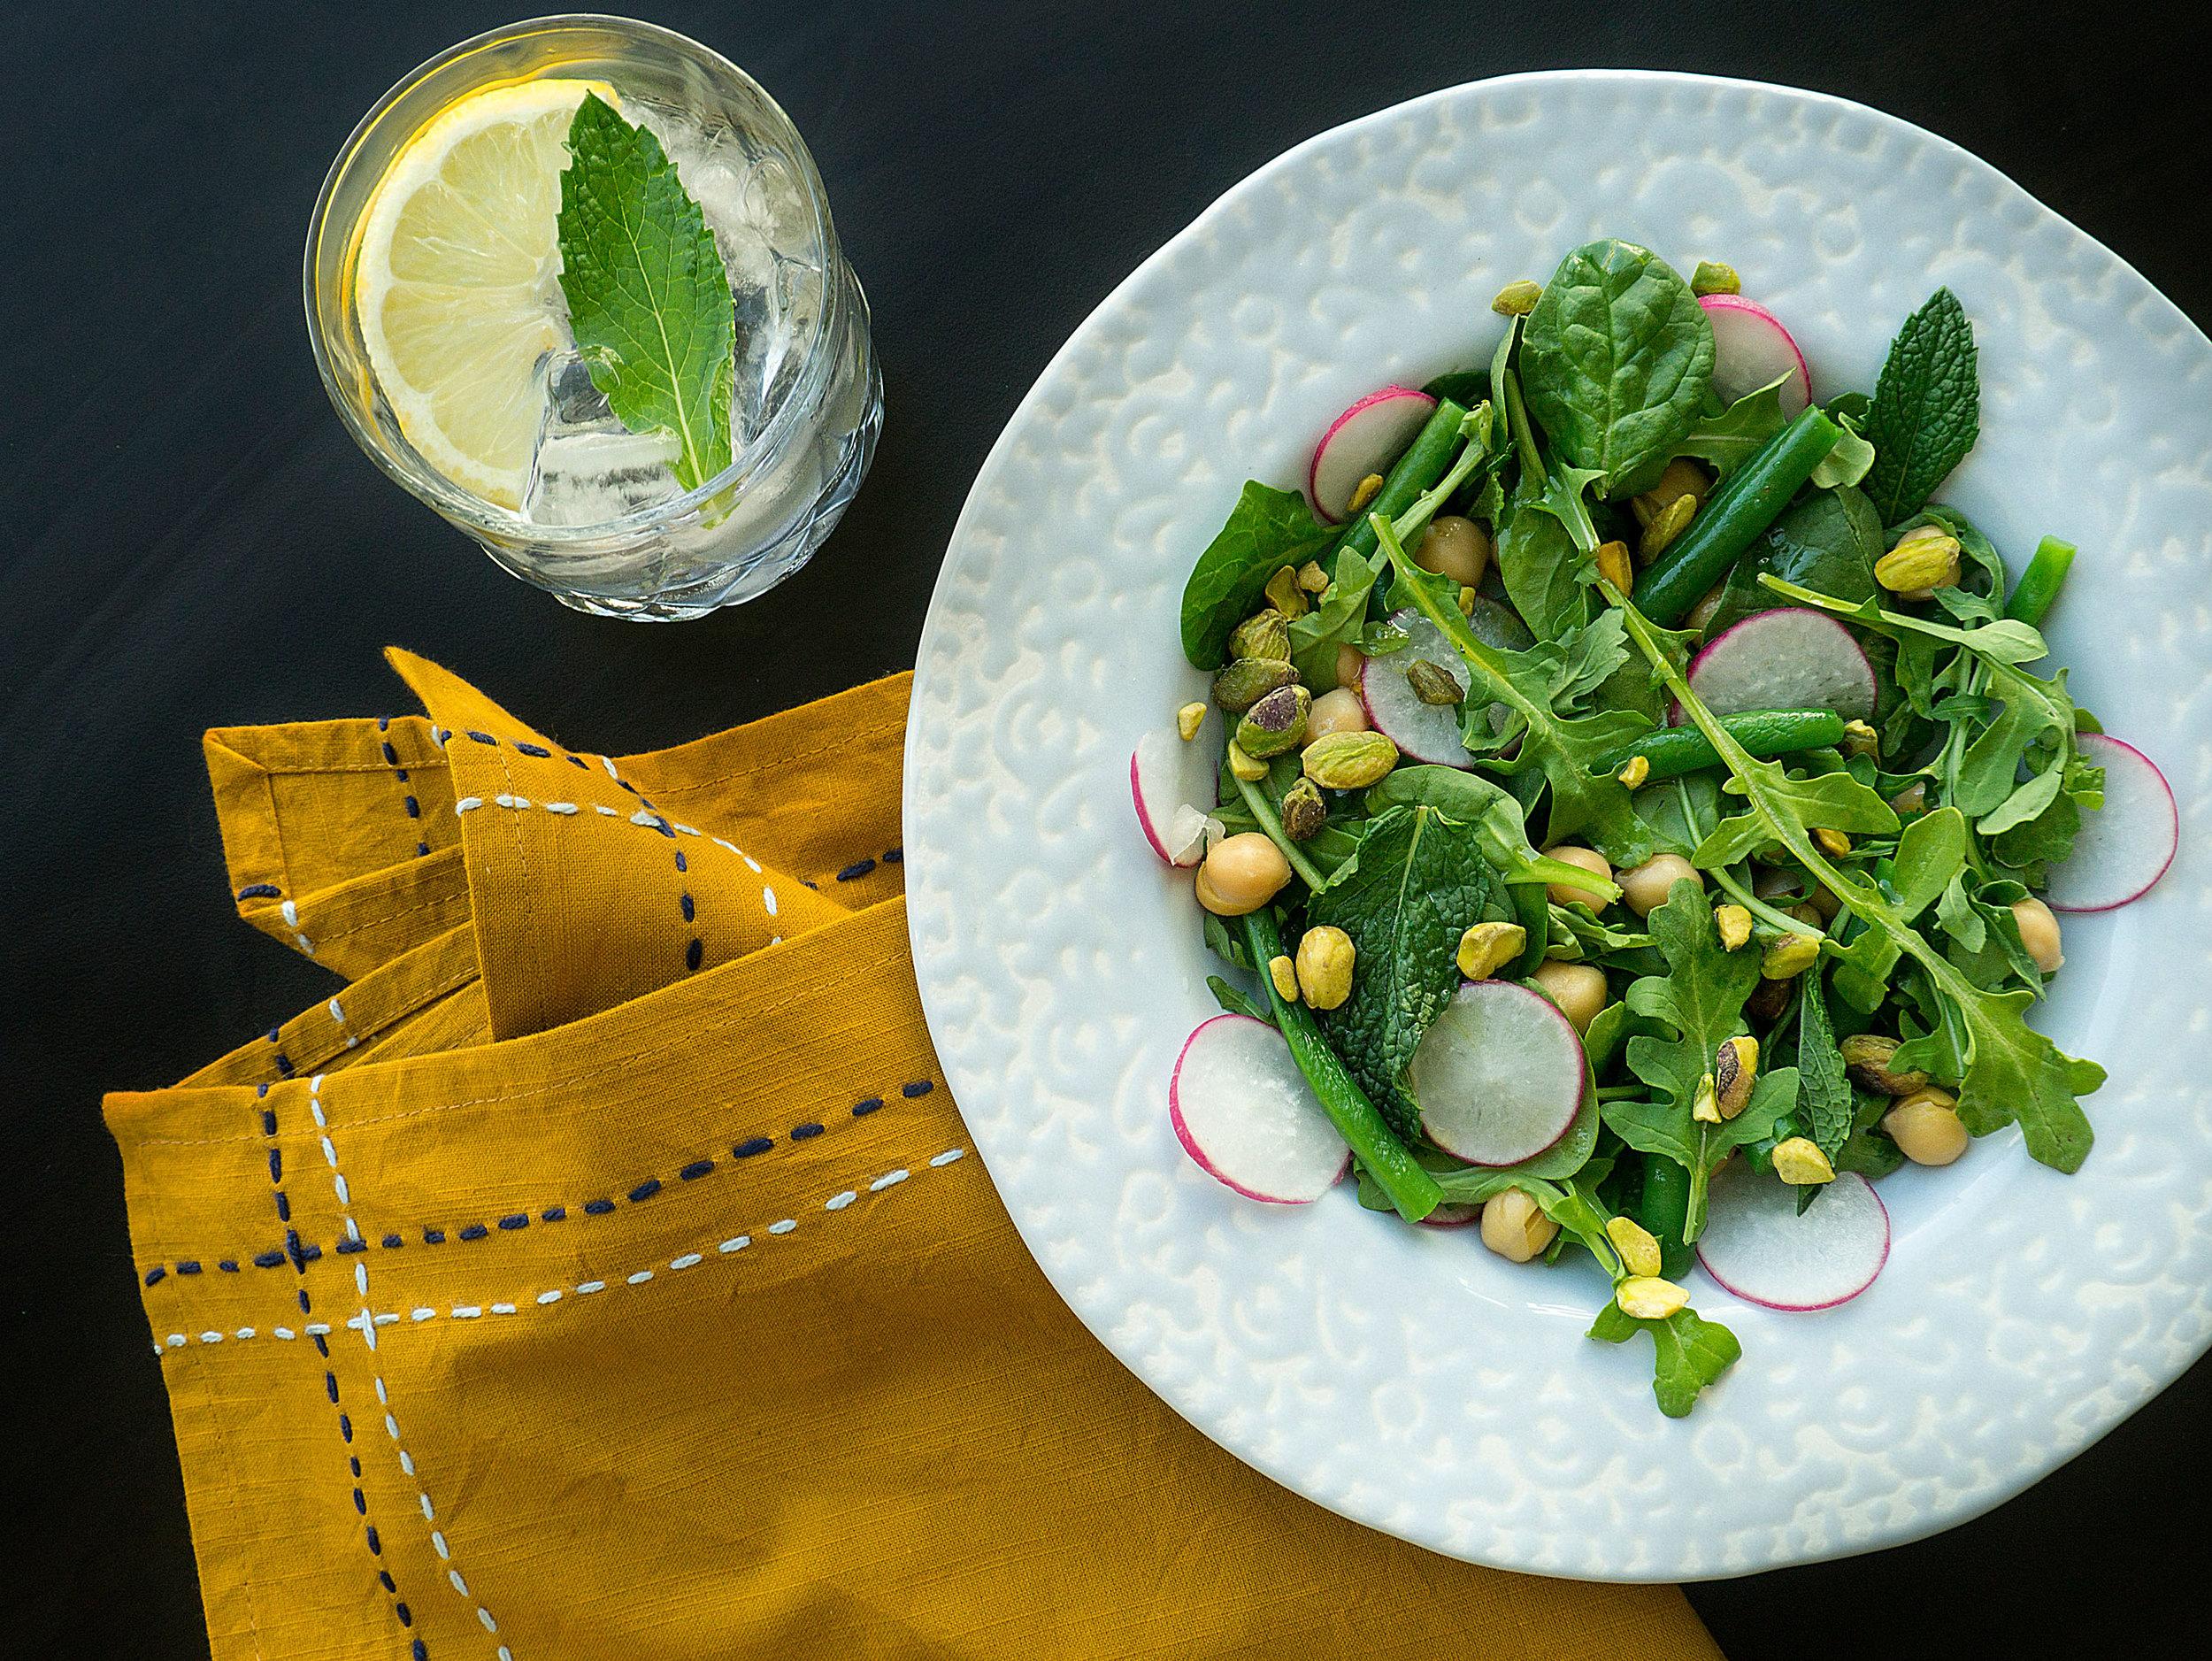 salad-02-web.jpg